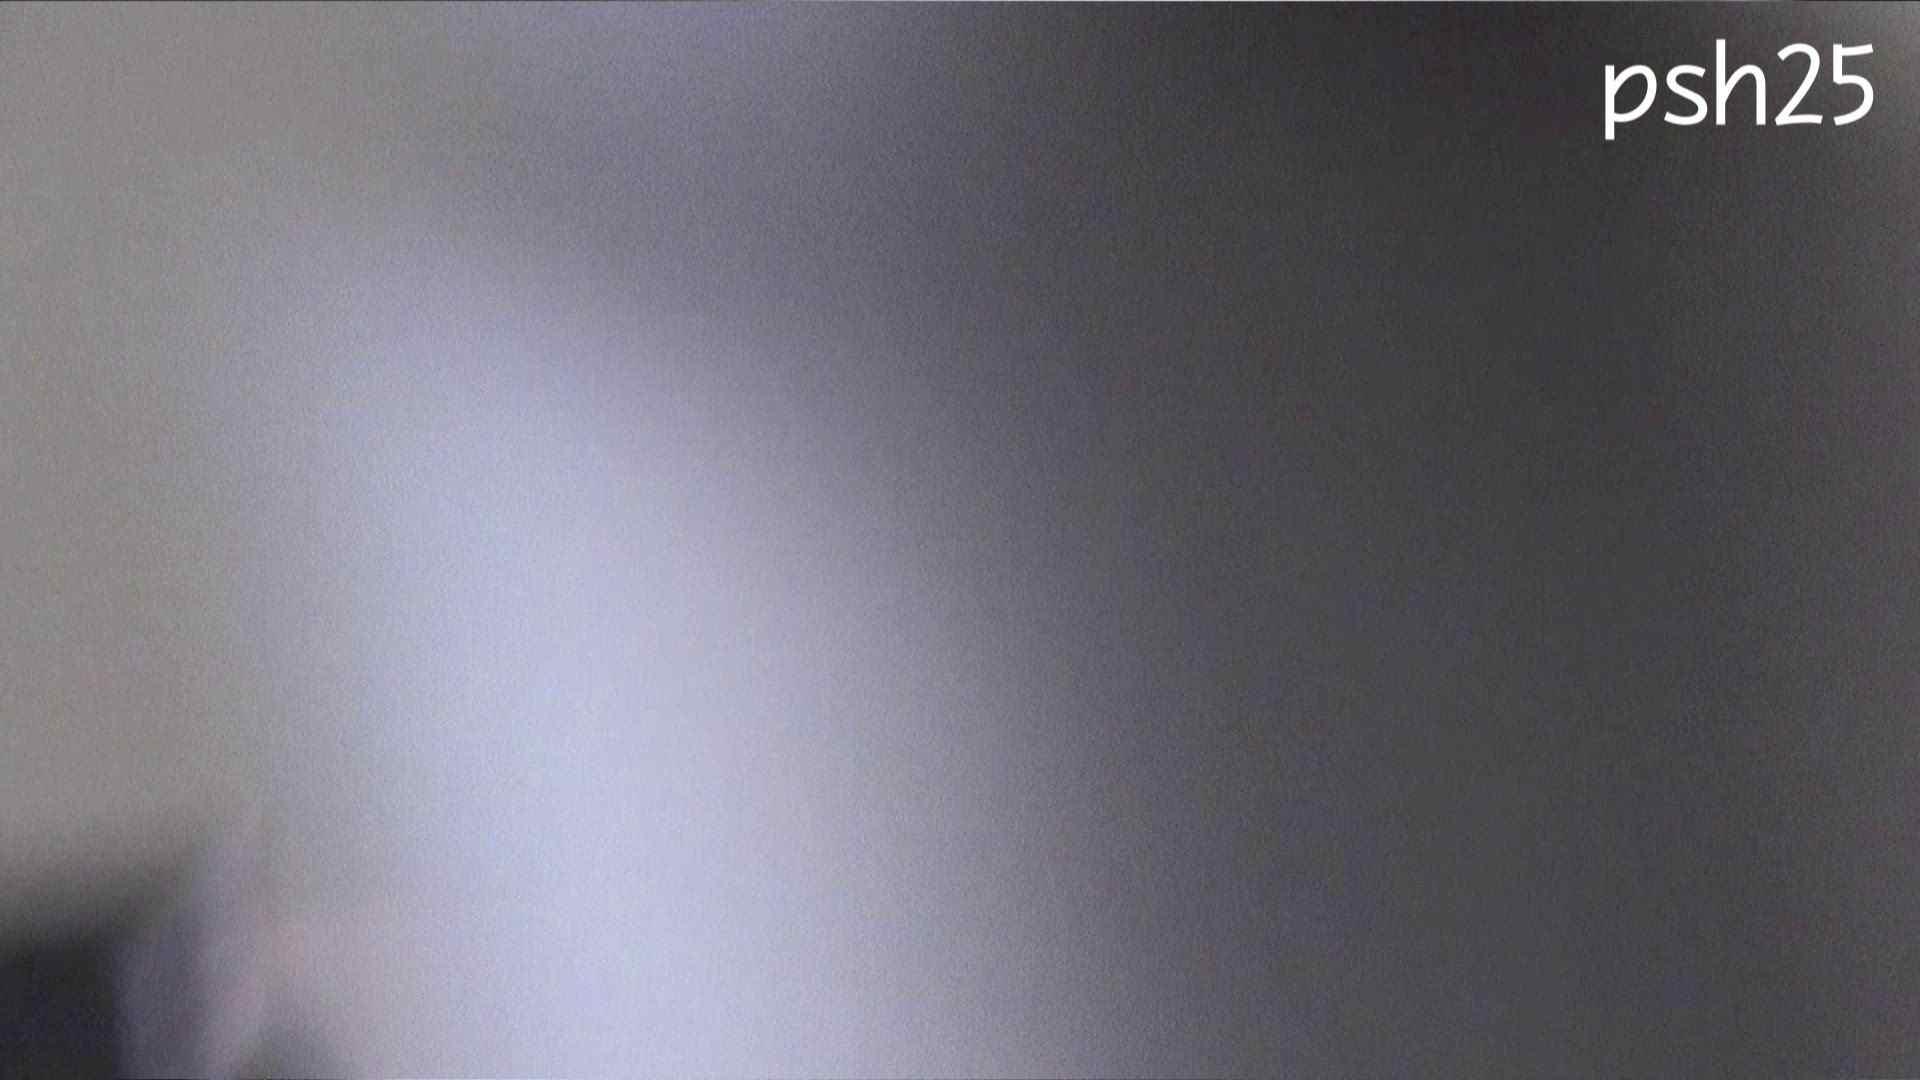 ▲復活限定▲ハイビジョン 盗神伝 Vol.25 高評価 ワレメ無修正動画無料 98枚 53